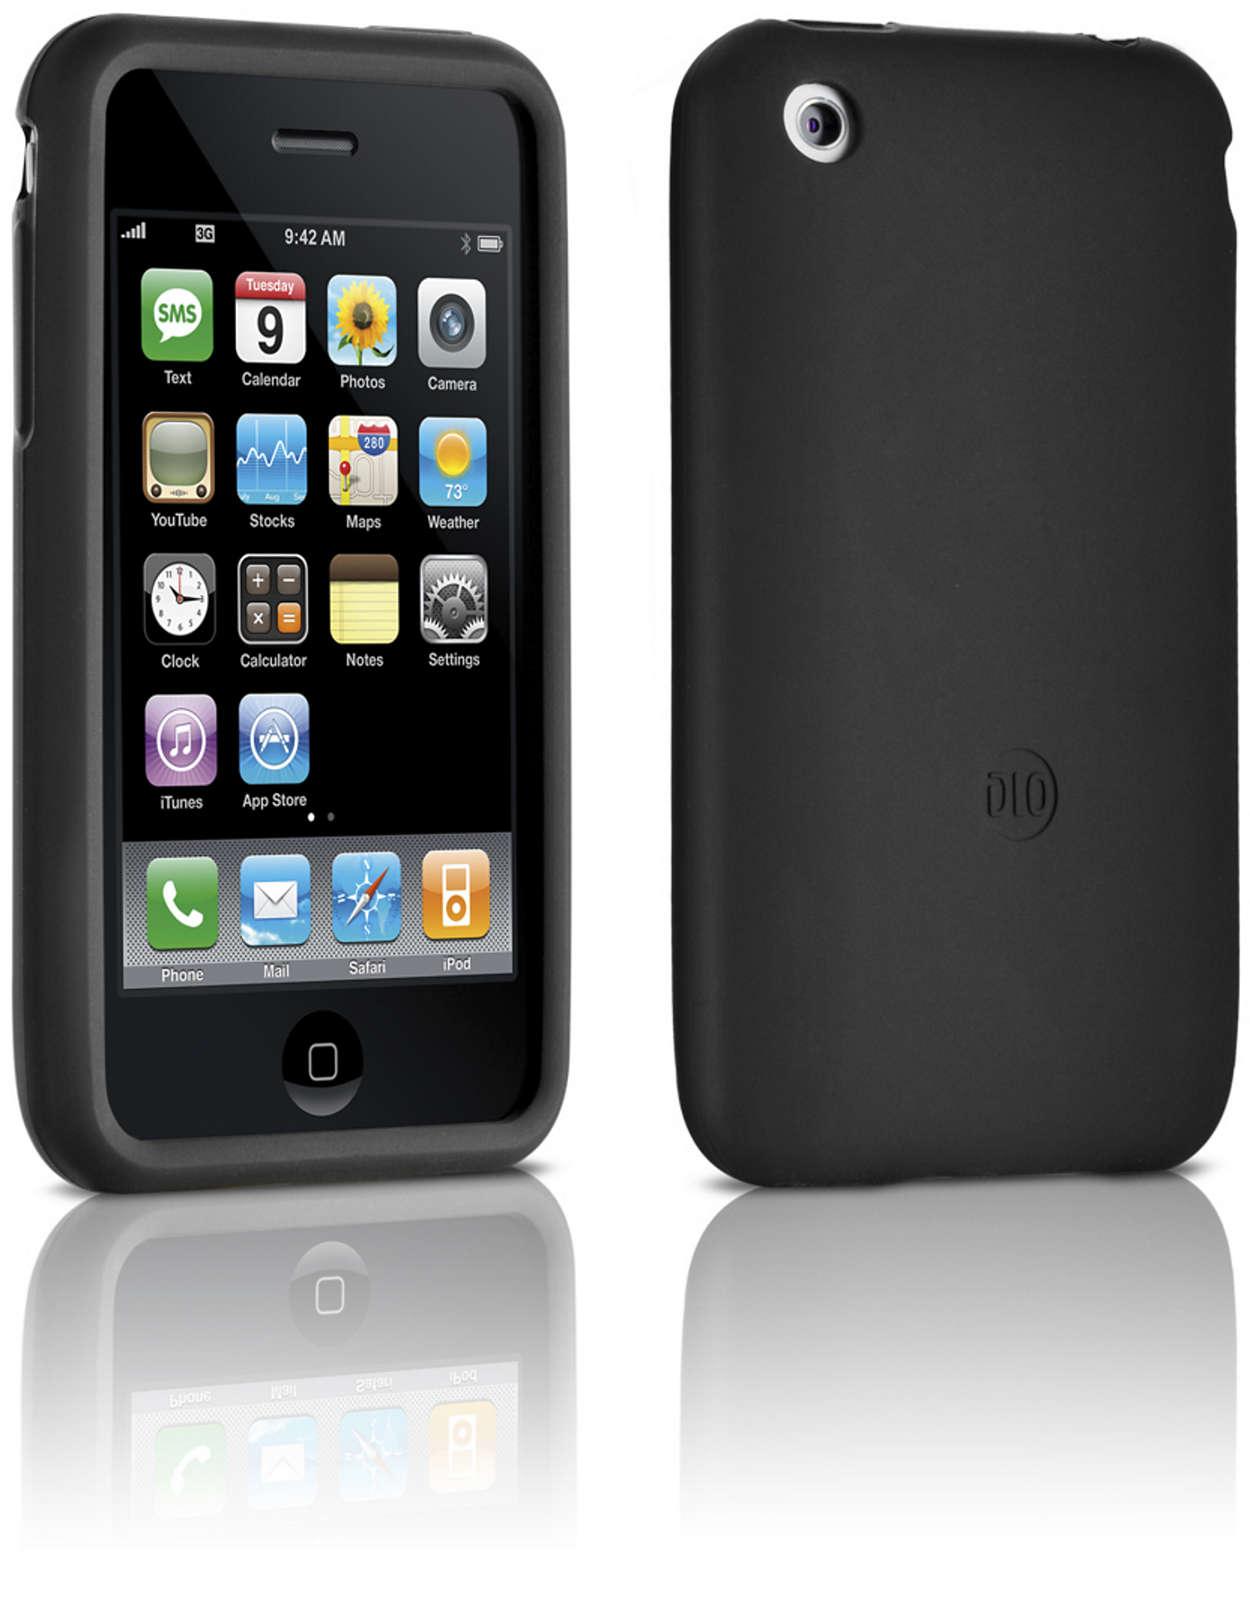 ปกป้อง iPhone ของคุณไว้ภายในซองซิลิโคน